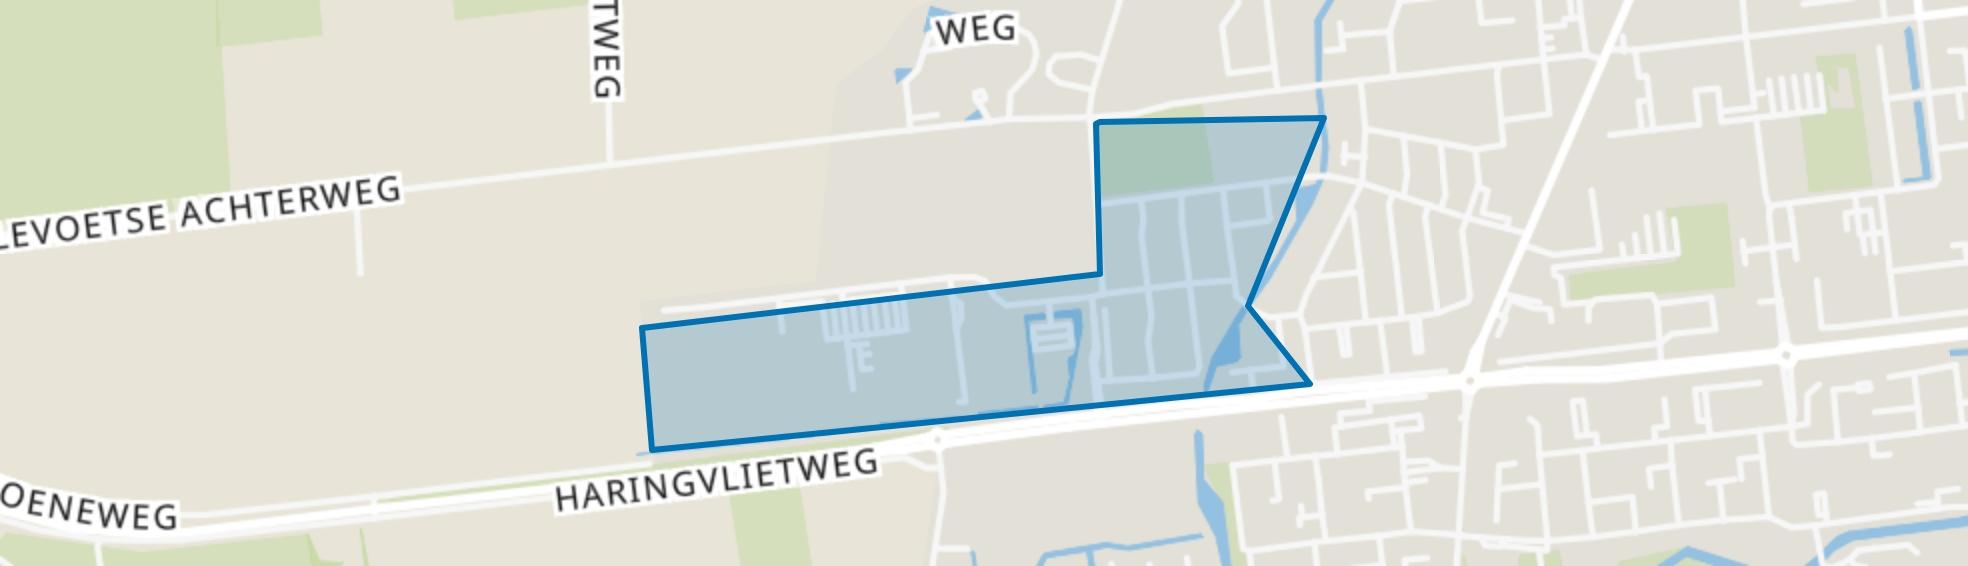 Vogelbuurt, Hellevoetsluis map